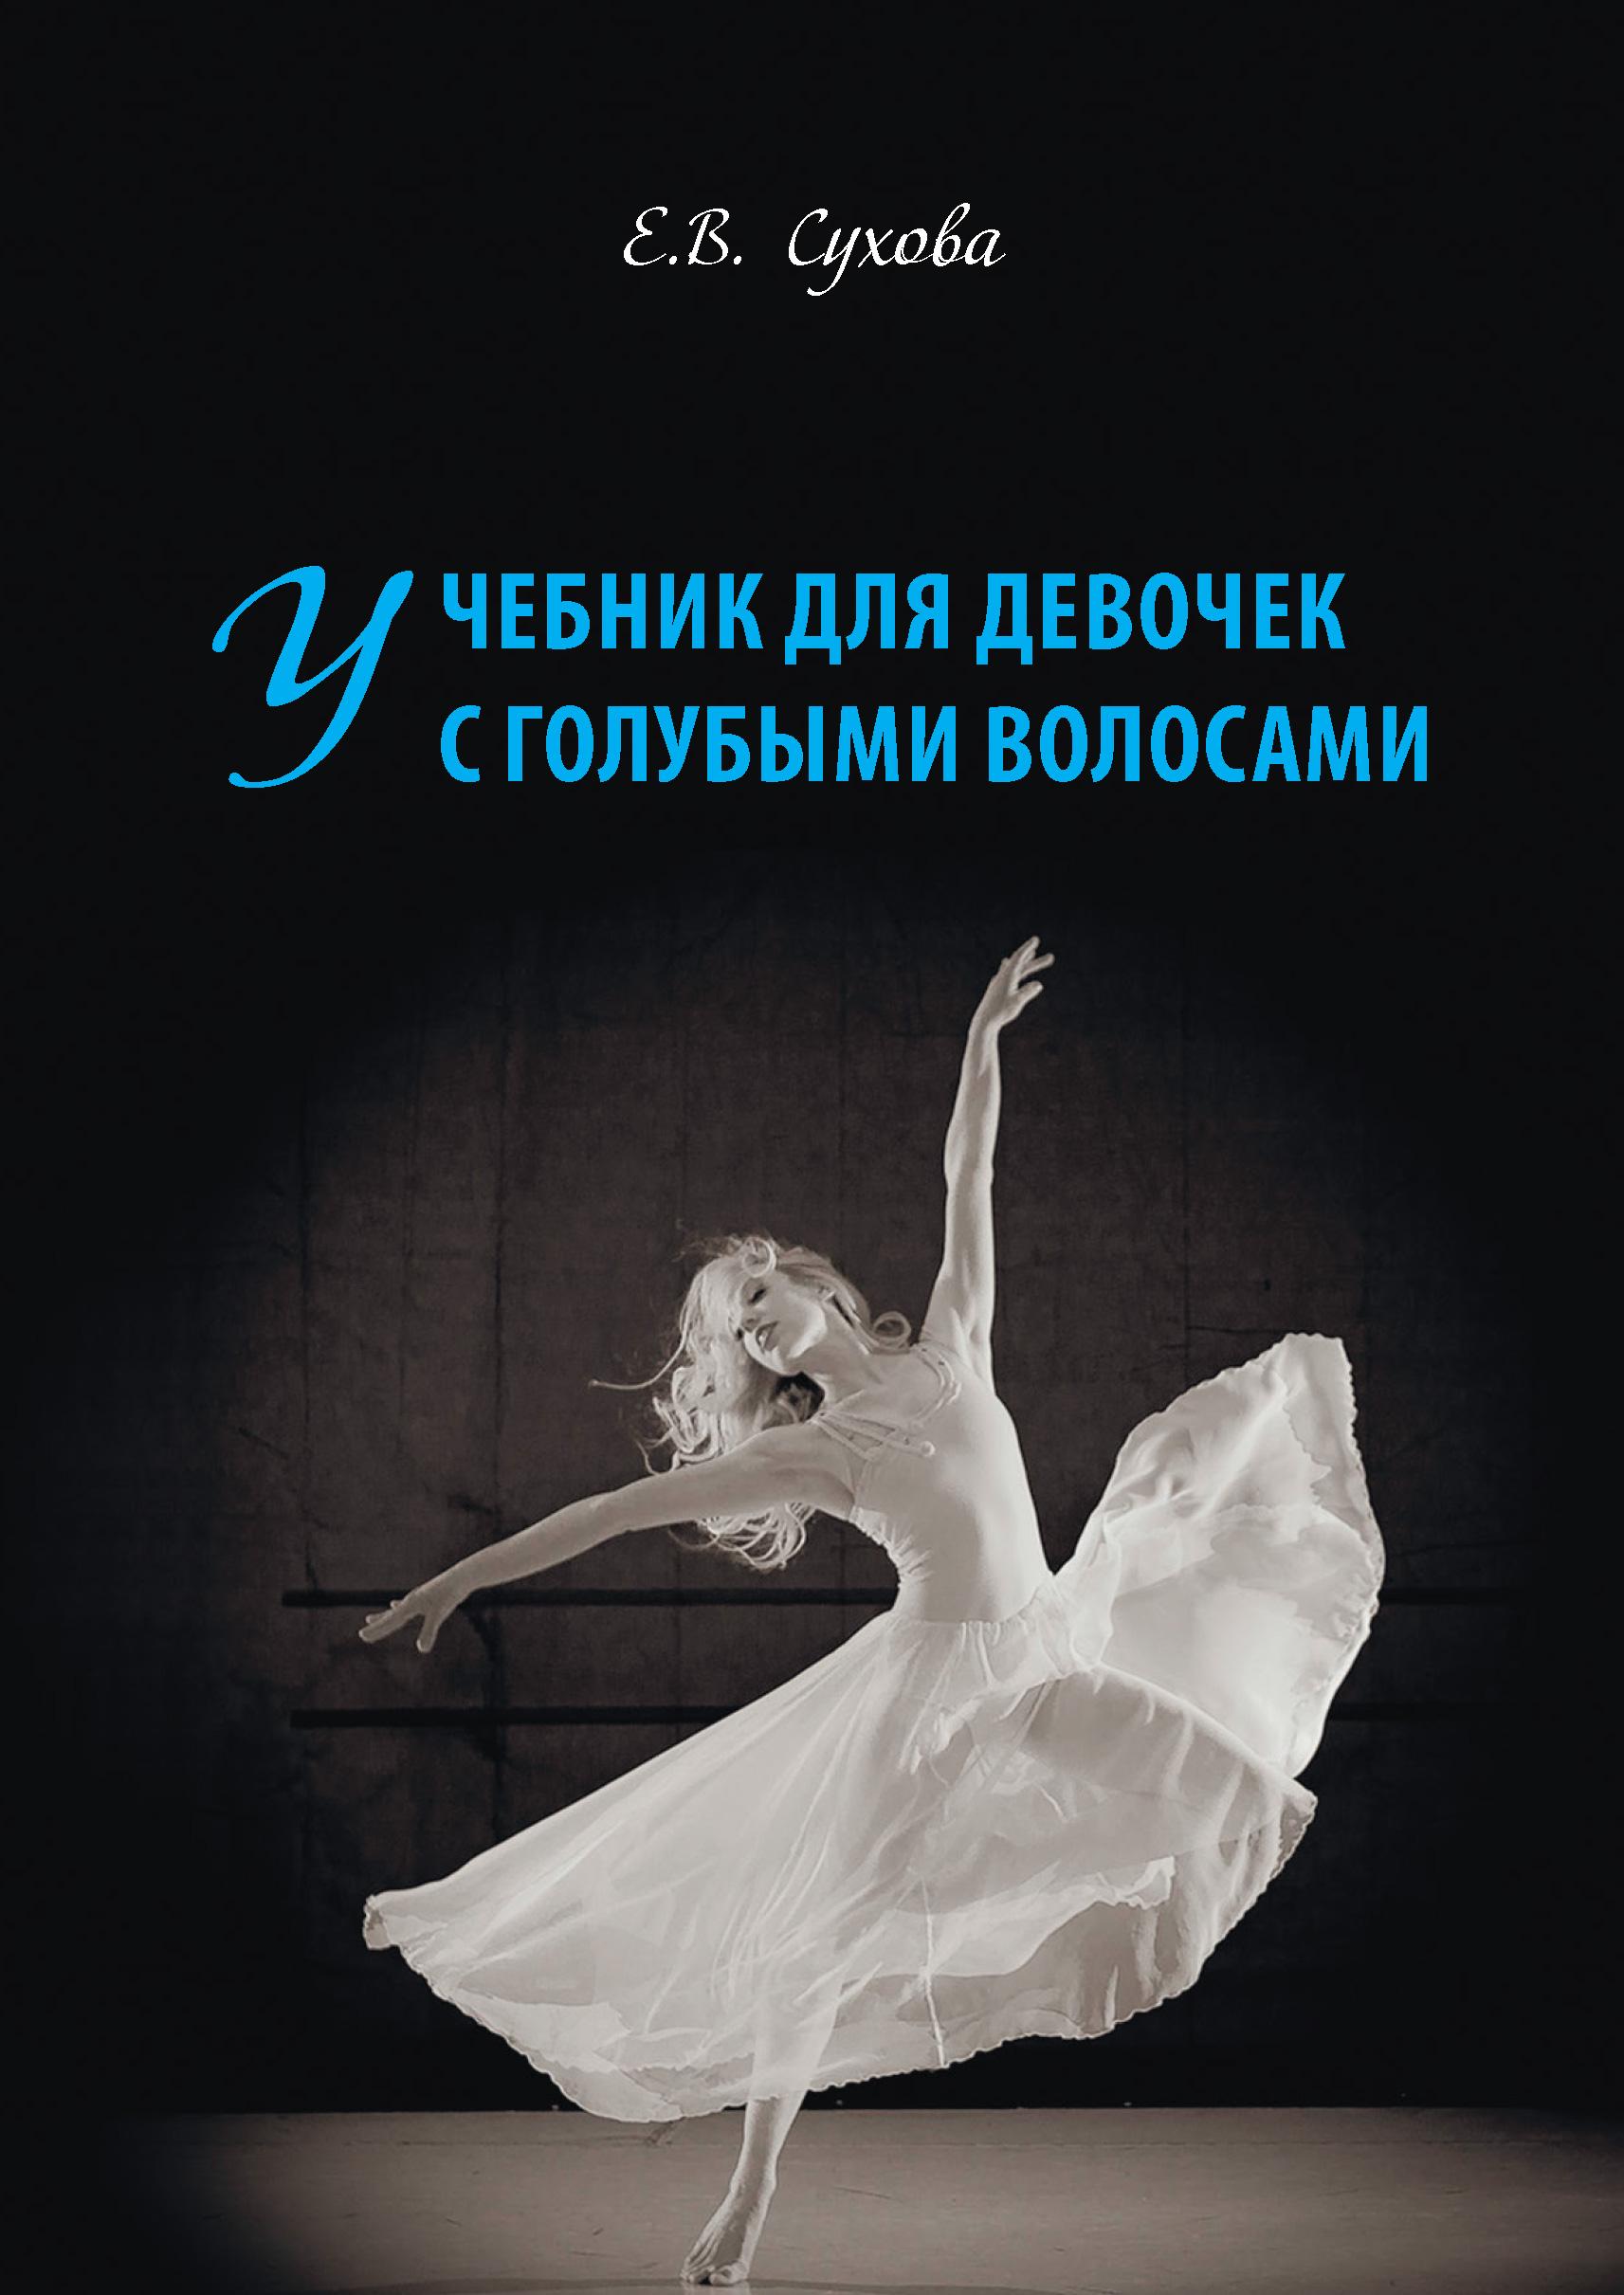 Учебник для Девочек с голубыми волосами